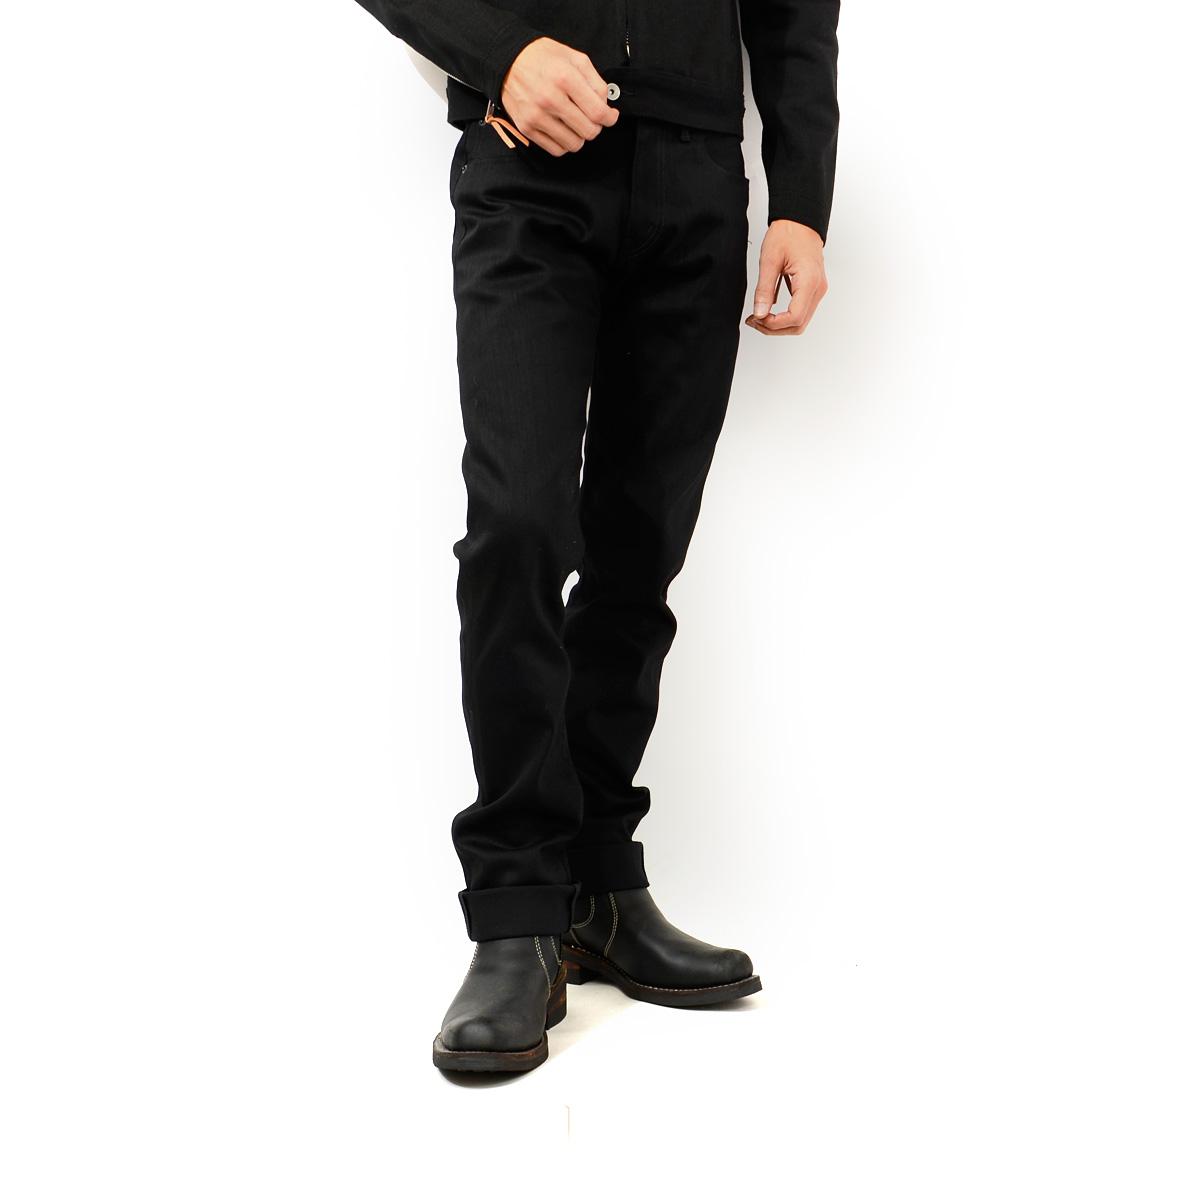 YOROI 鎧 ストレッチ ブラック ジーンズ パンツ 461-506 ジーンズ クリスマス プレゼント ラッピング